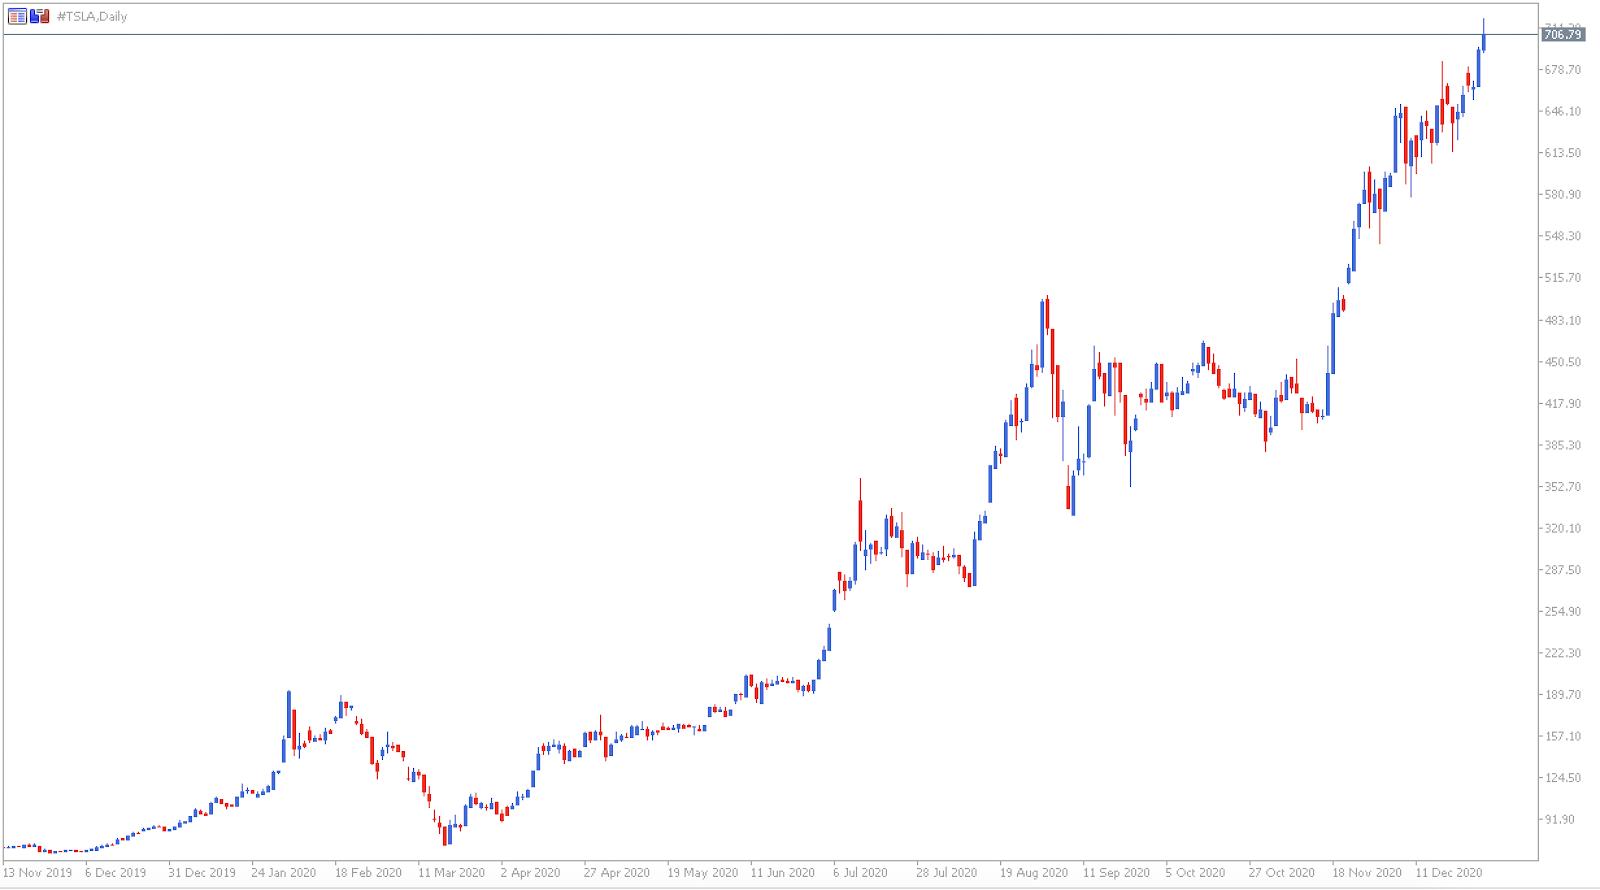 Gráfico de Preços das Ações da Tesla - Admiral Markets